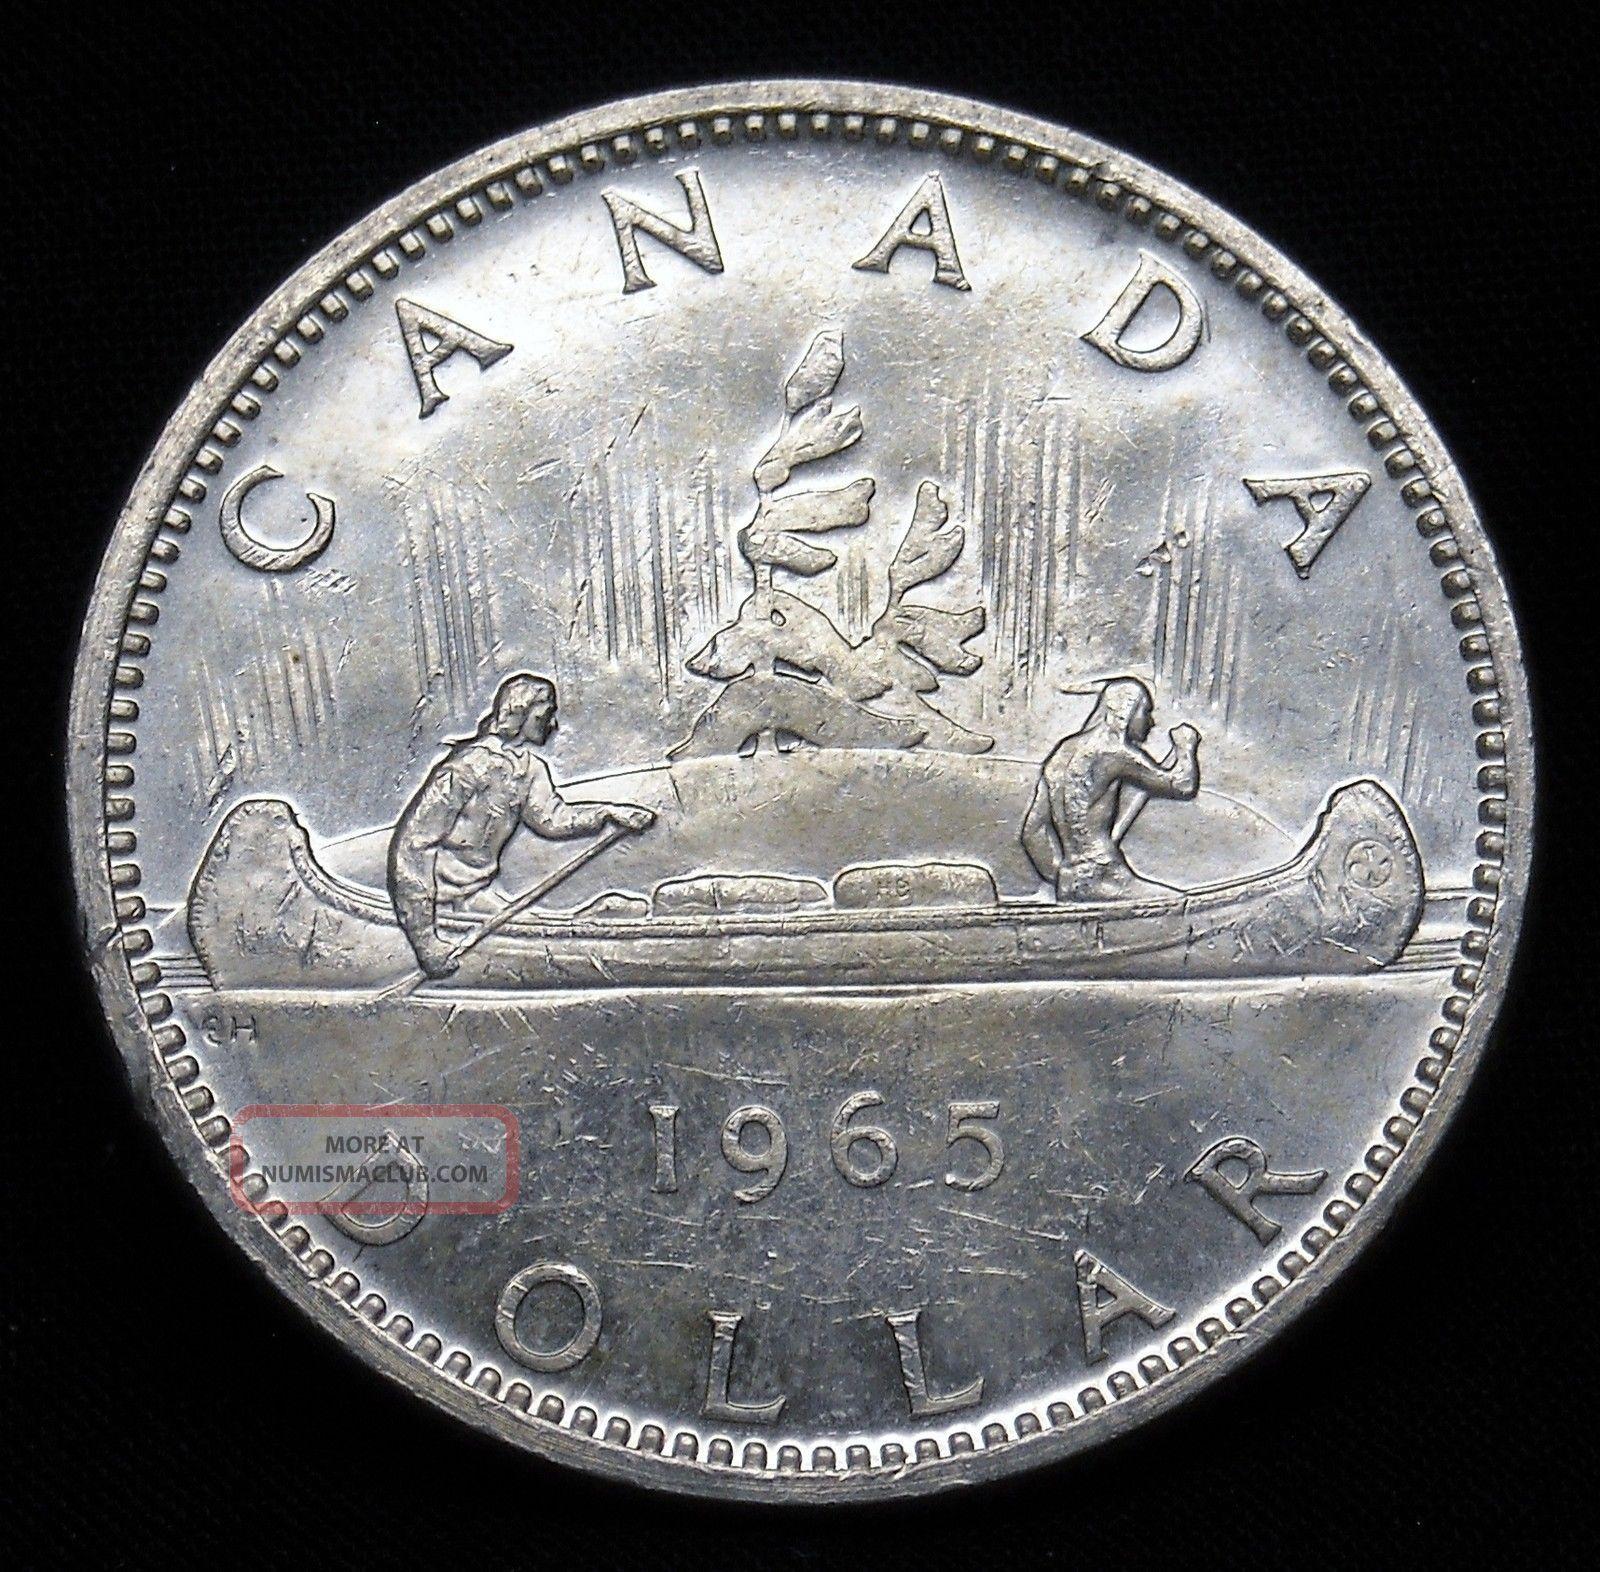 1965 Canada Silver Dollar Asw.  600 Oz Grade Ch Bu B497 Coins: Canada photo